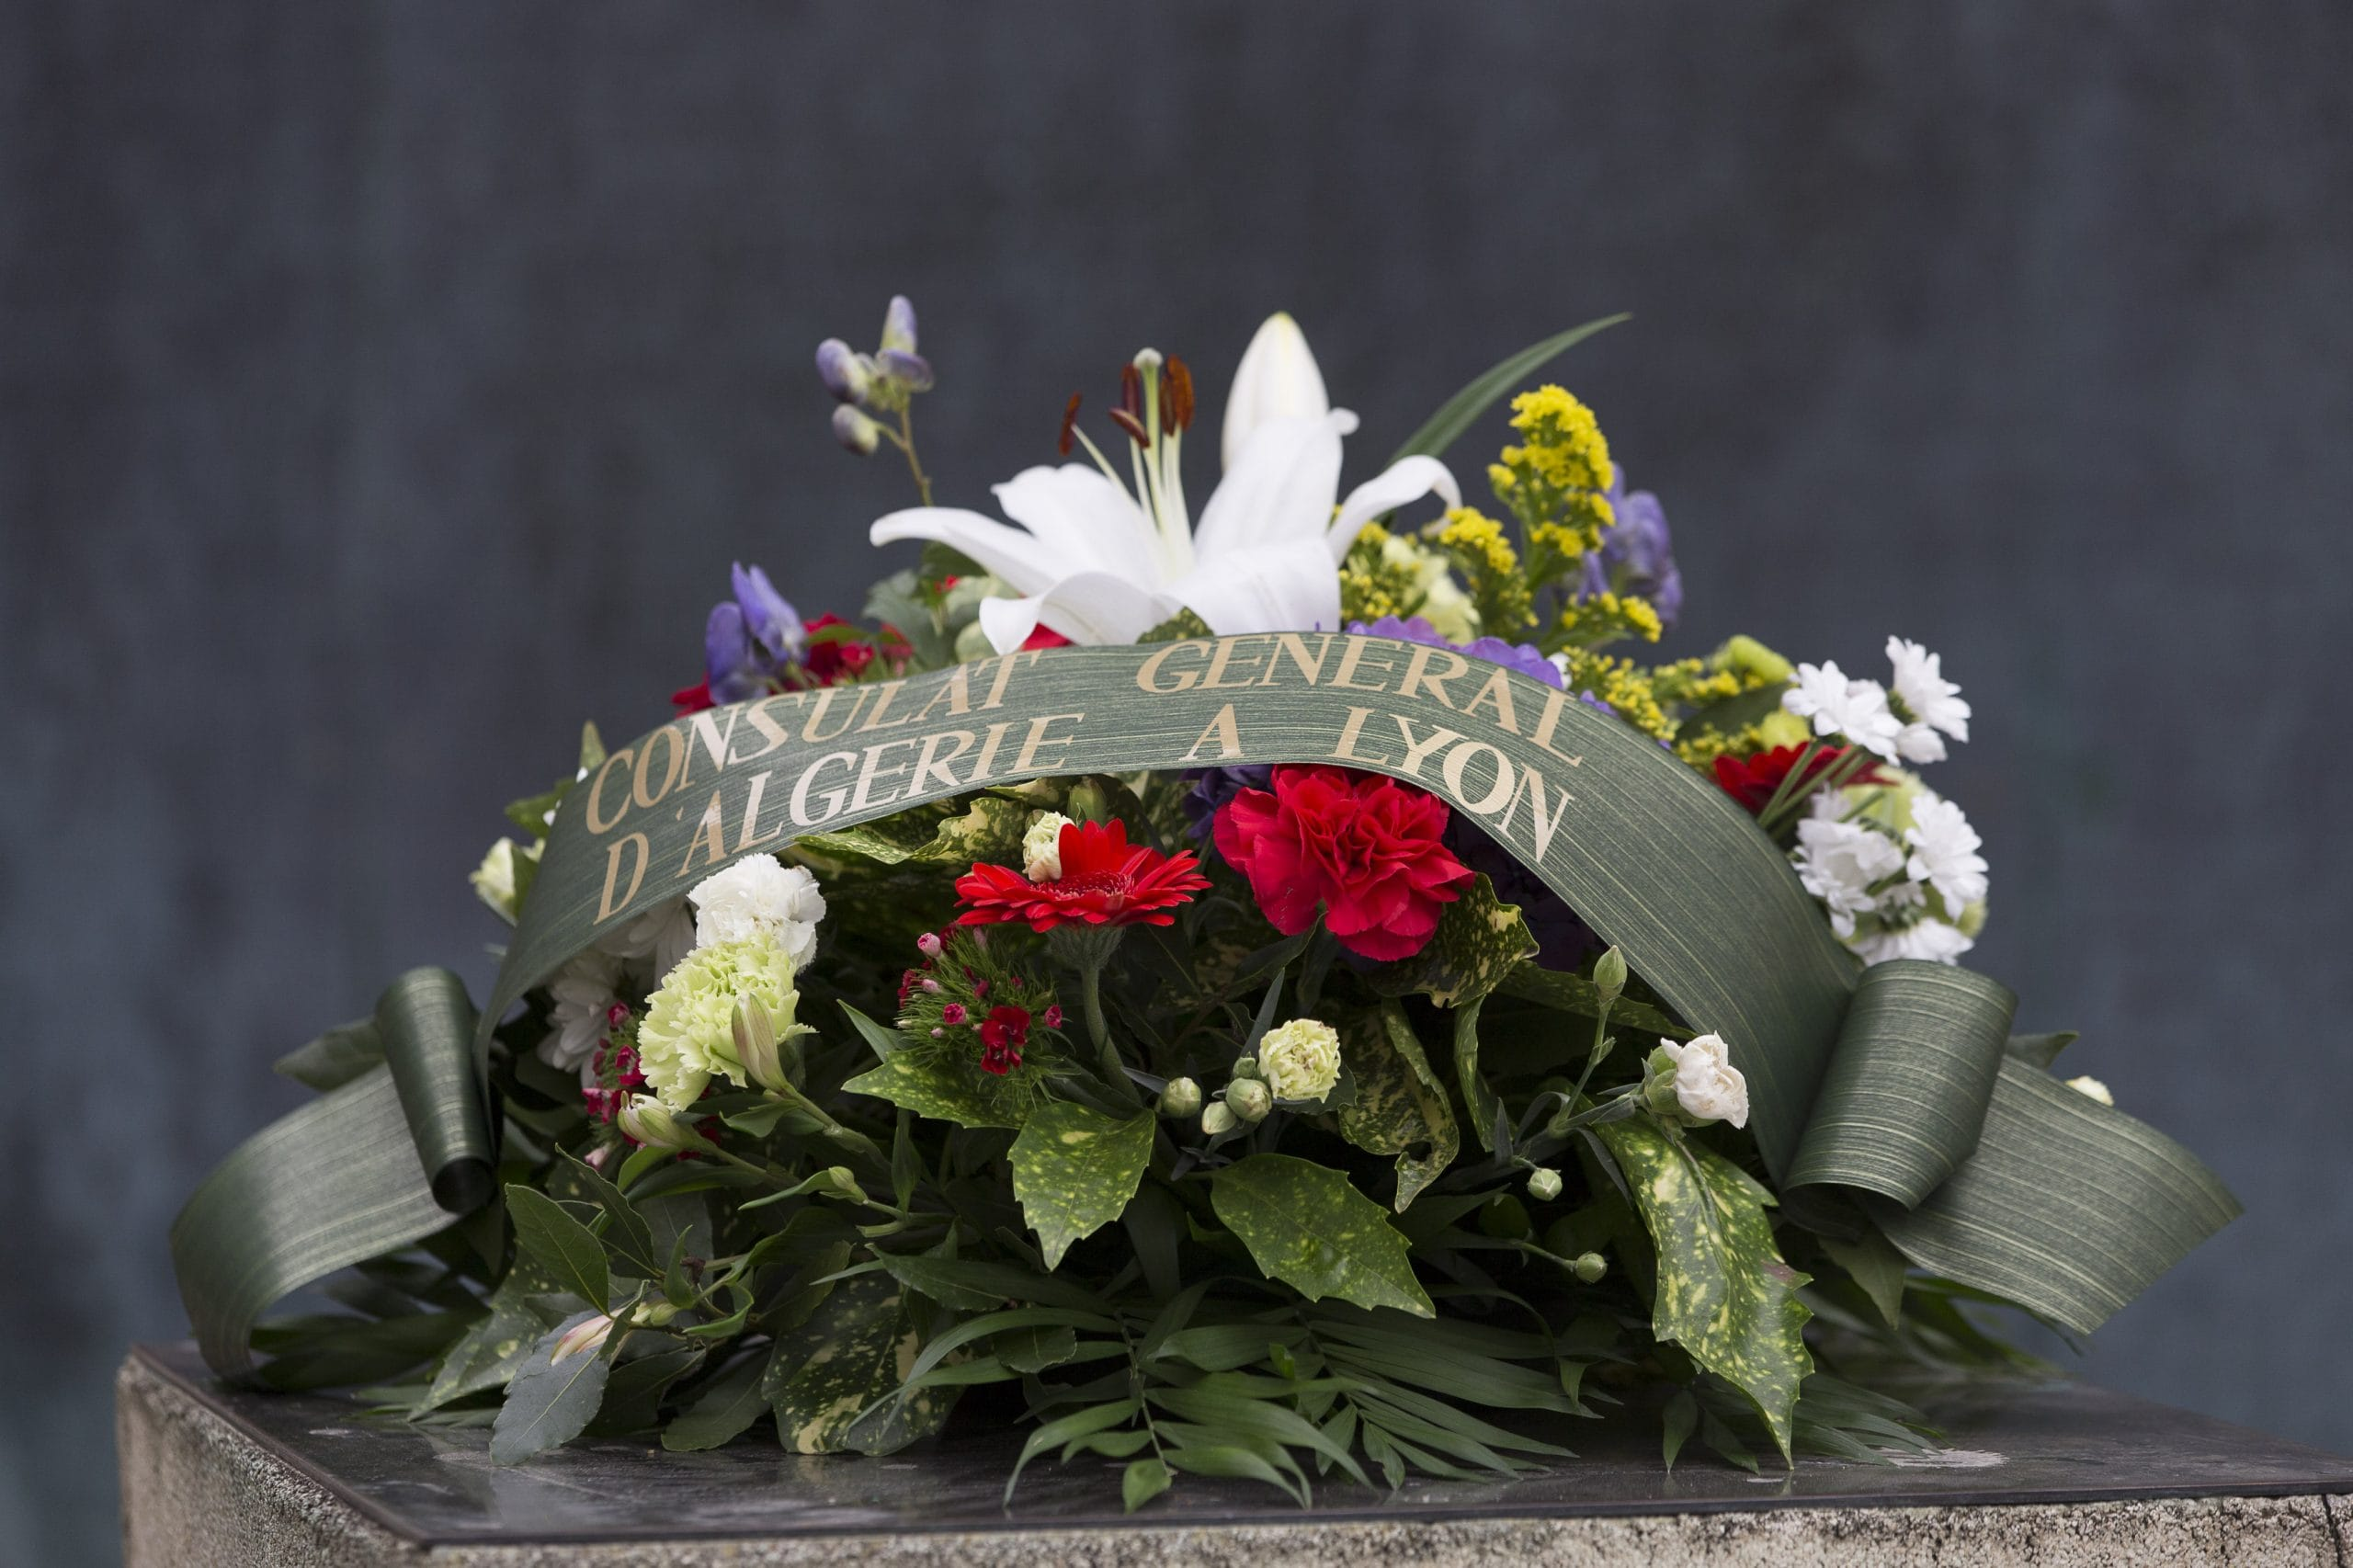 Image 9 - commémoration du 17 octobre 2020